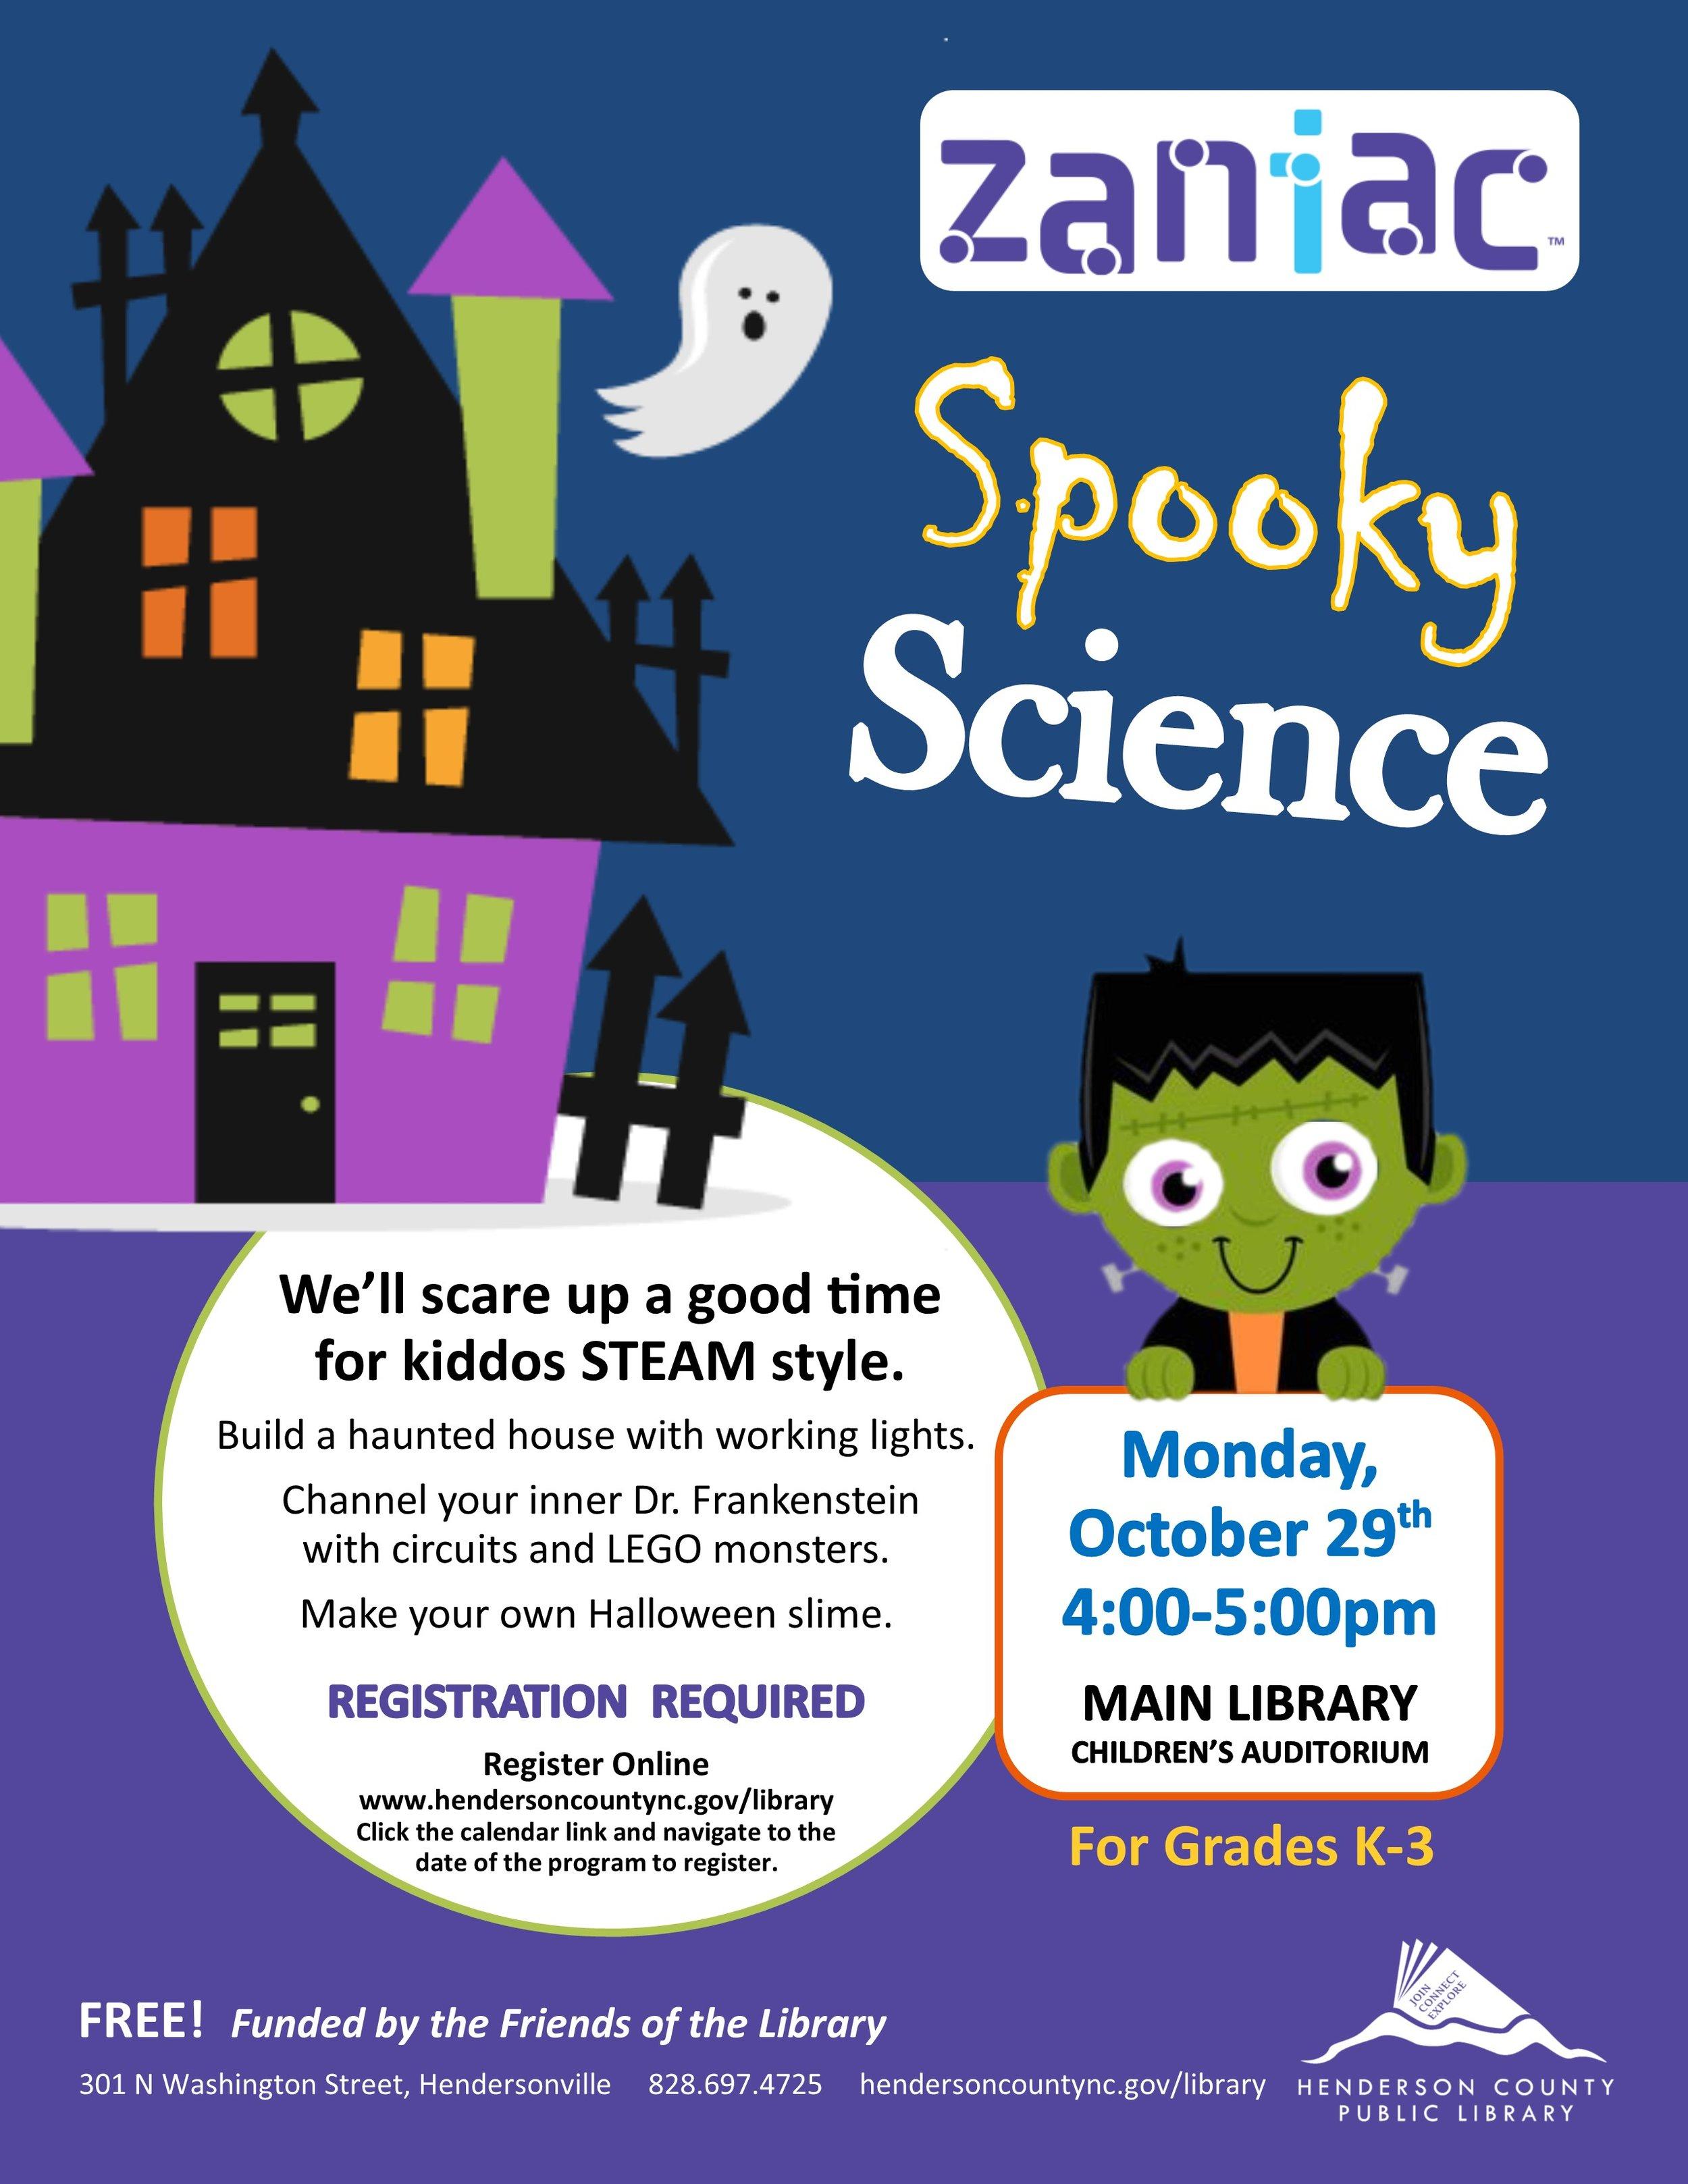 Zaniac Spooky Science (1).jpg